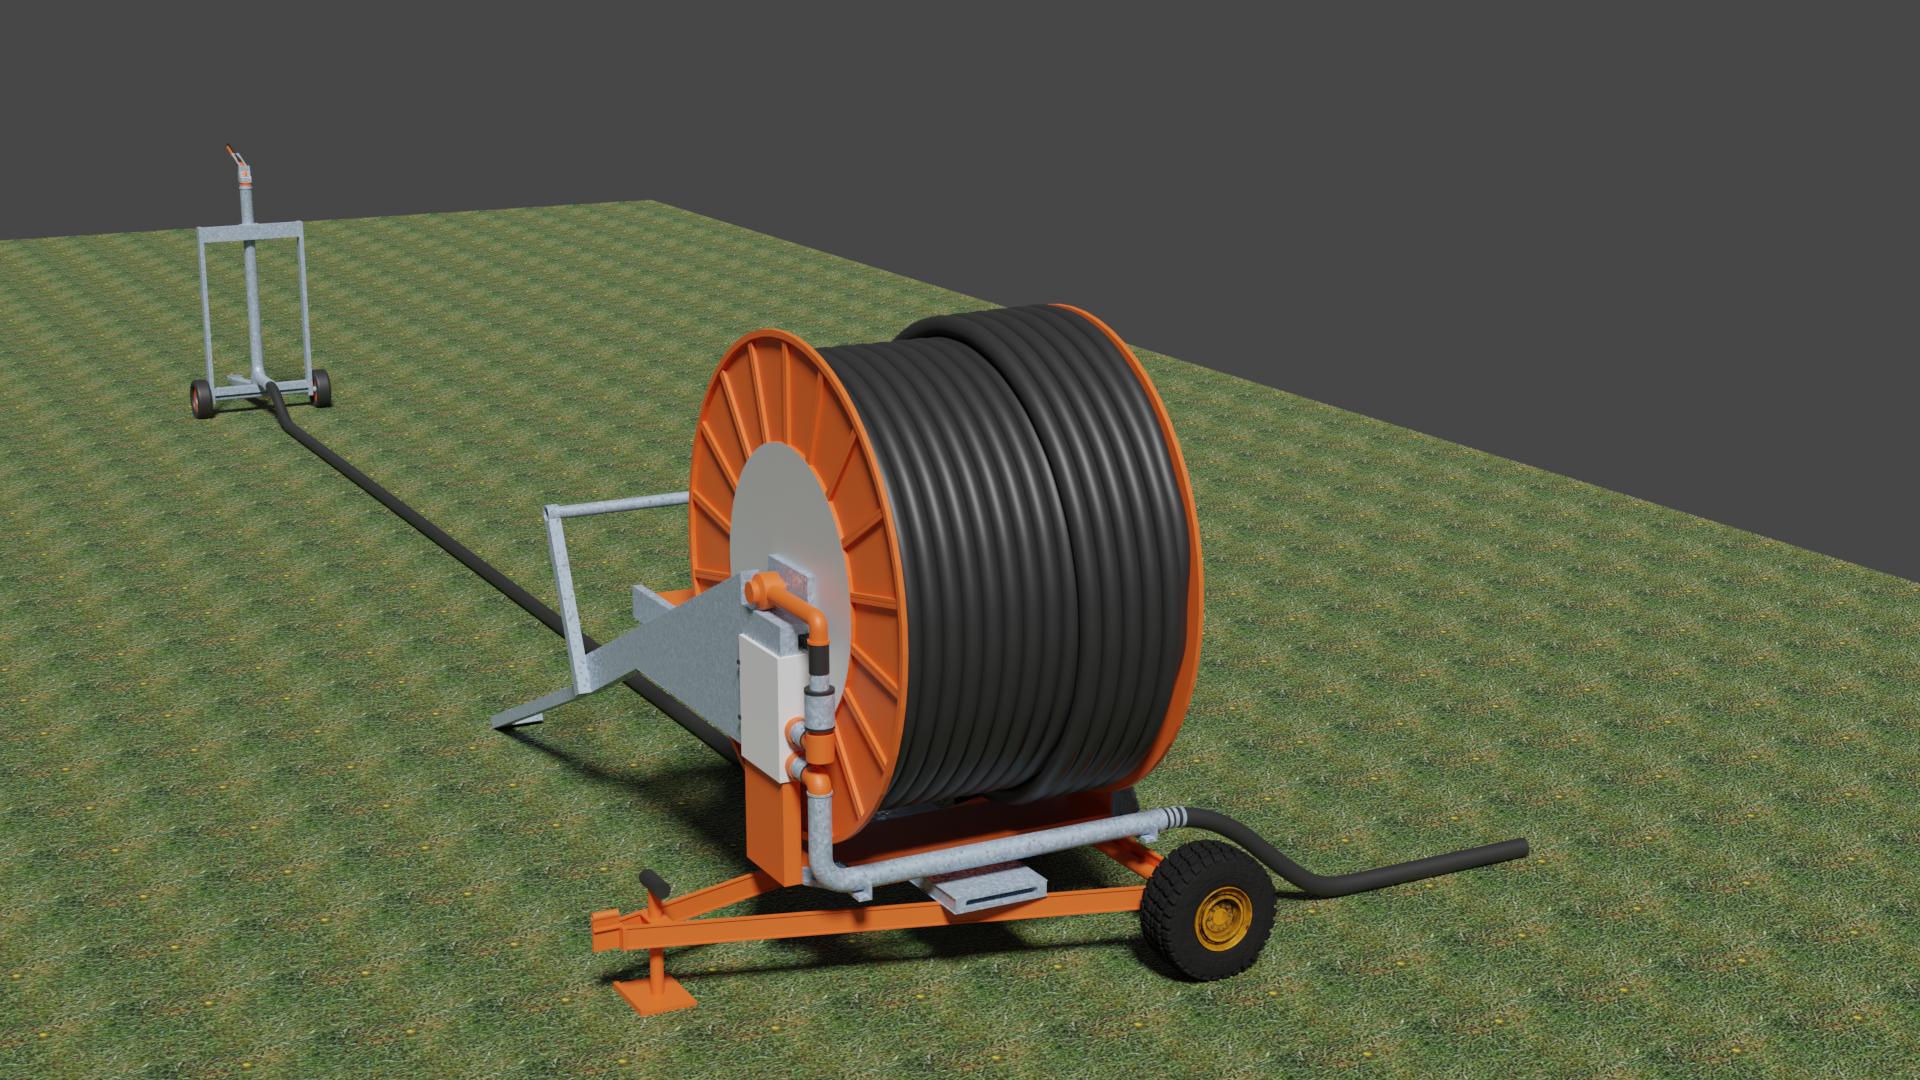 enrouleur agricole, pour une série animée 3D